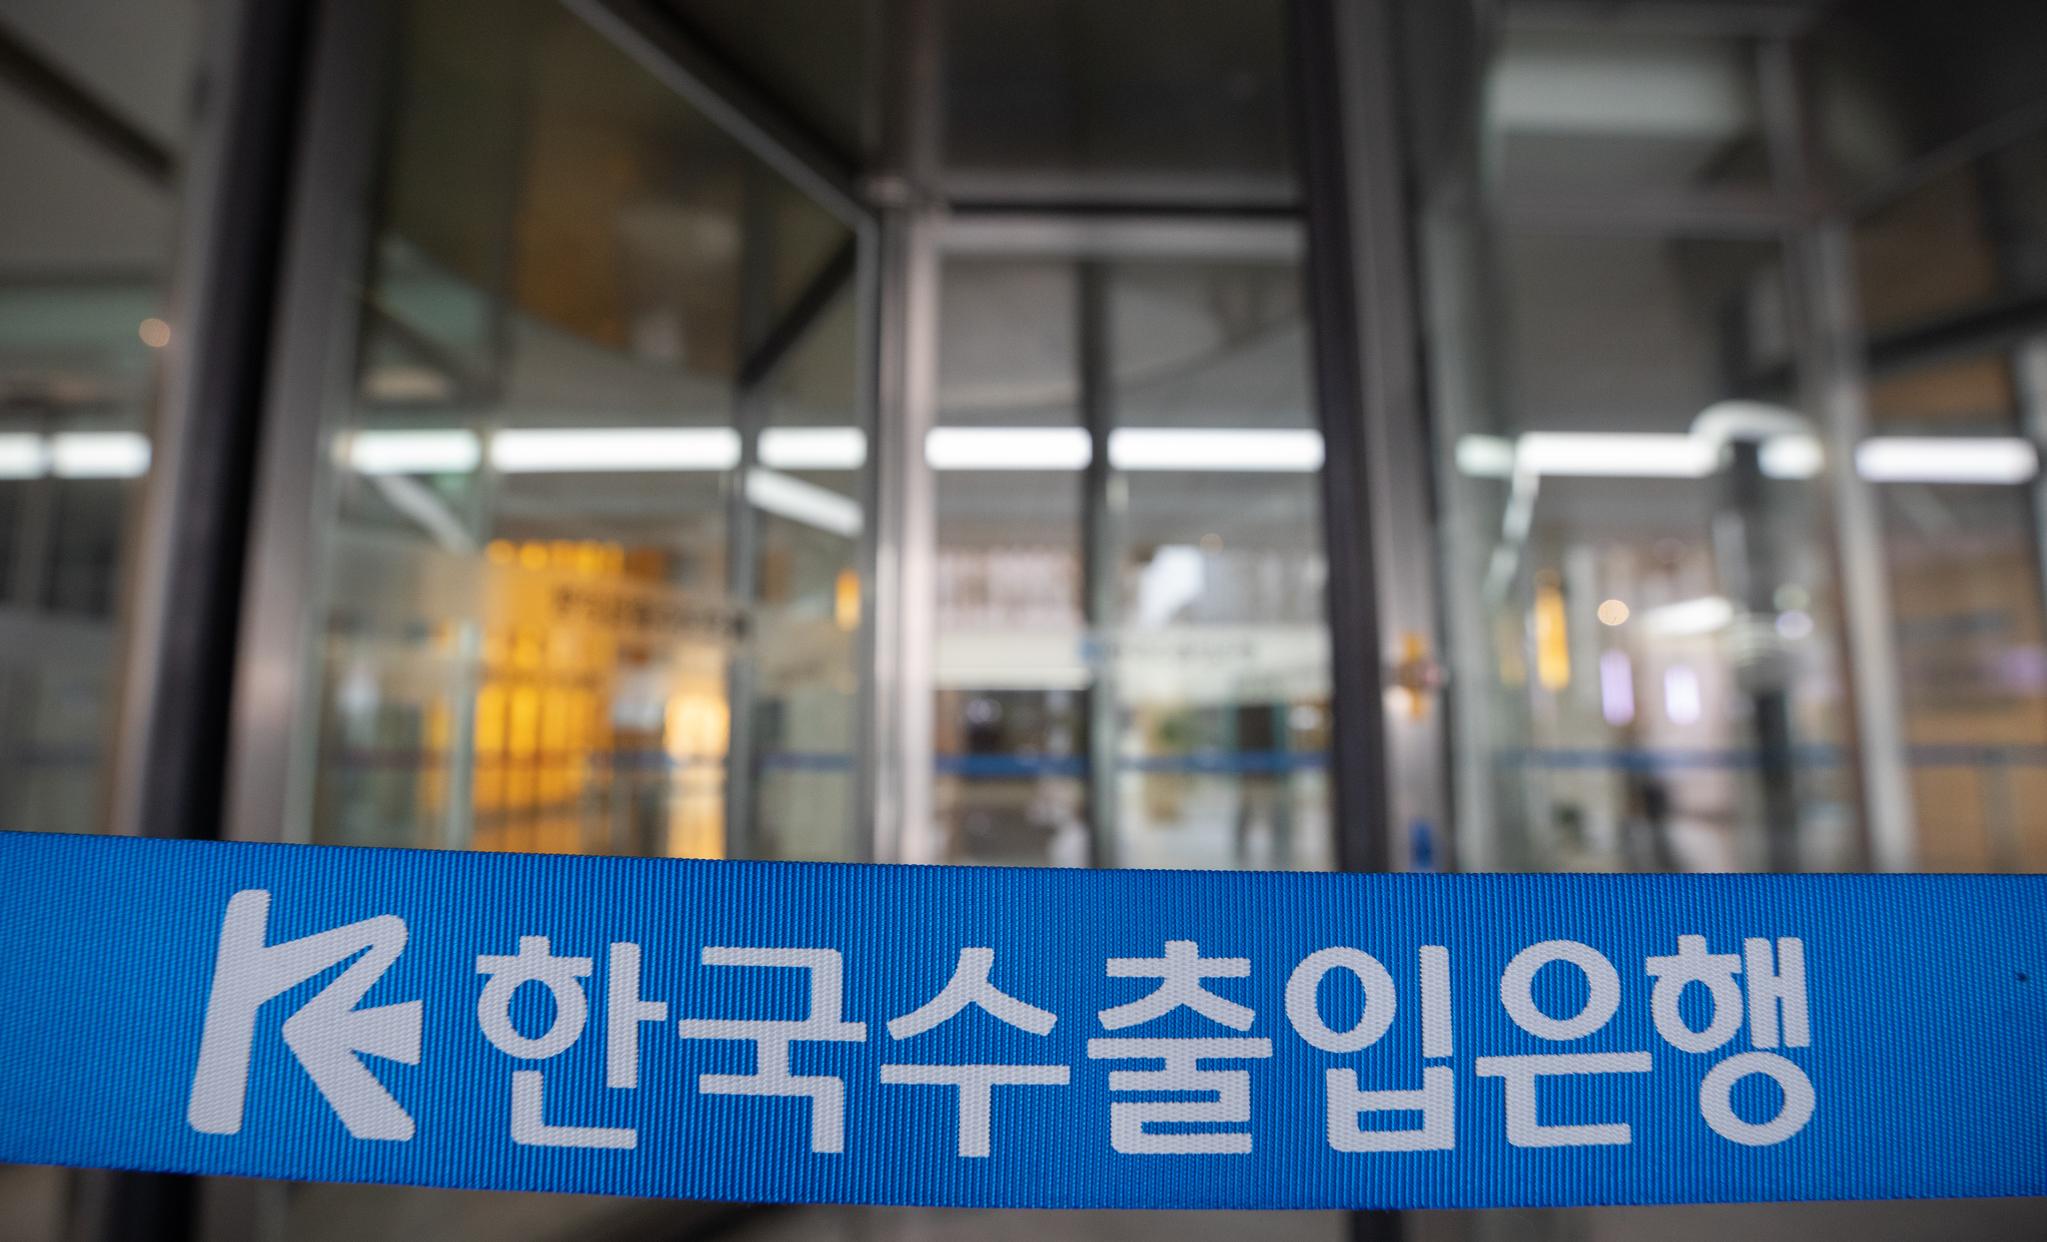 신종 코로나바이러스 감염증(코로나19) 확진자가 2,000명을 돌파한 28일 오전 서울 영등포구 한국수출입은행 본점이 코로나19 확진자 발생으로 폐쇄돼 있다. 은행권 본점 직원이 코로나19 확진자로 판명난 것은 이번이 처음이다. 뉴스1